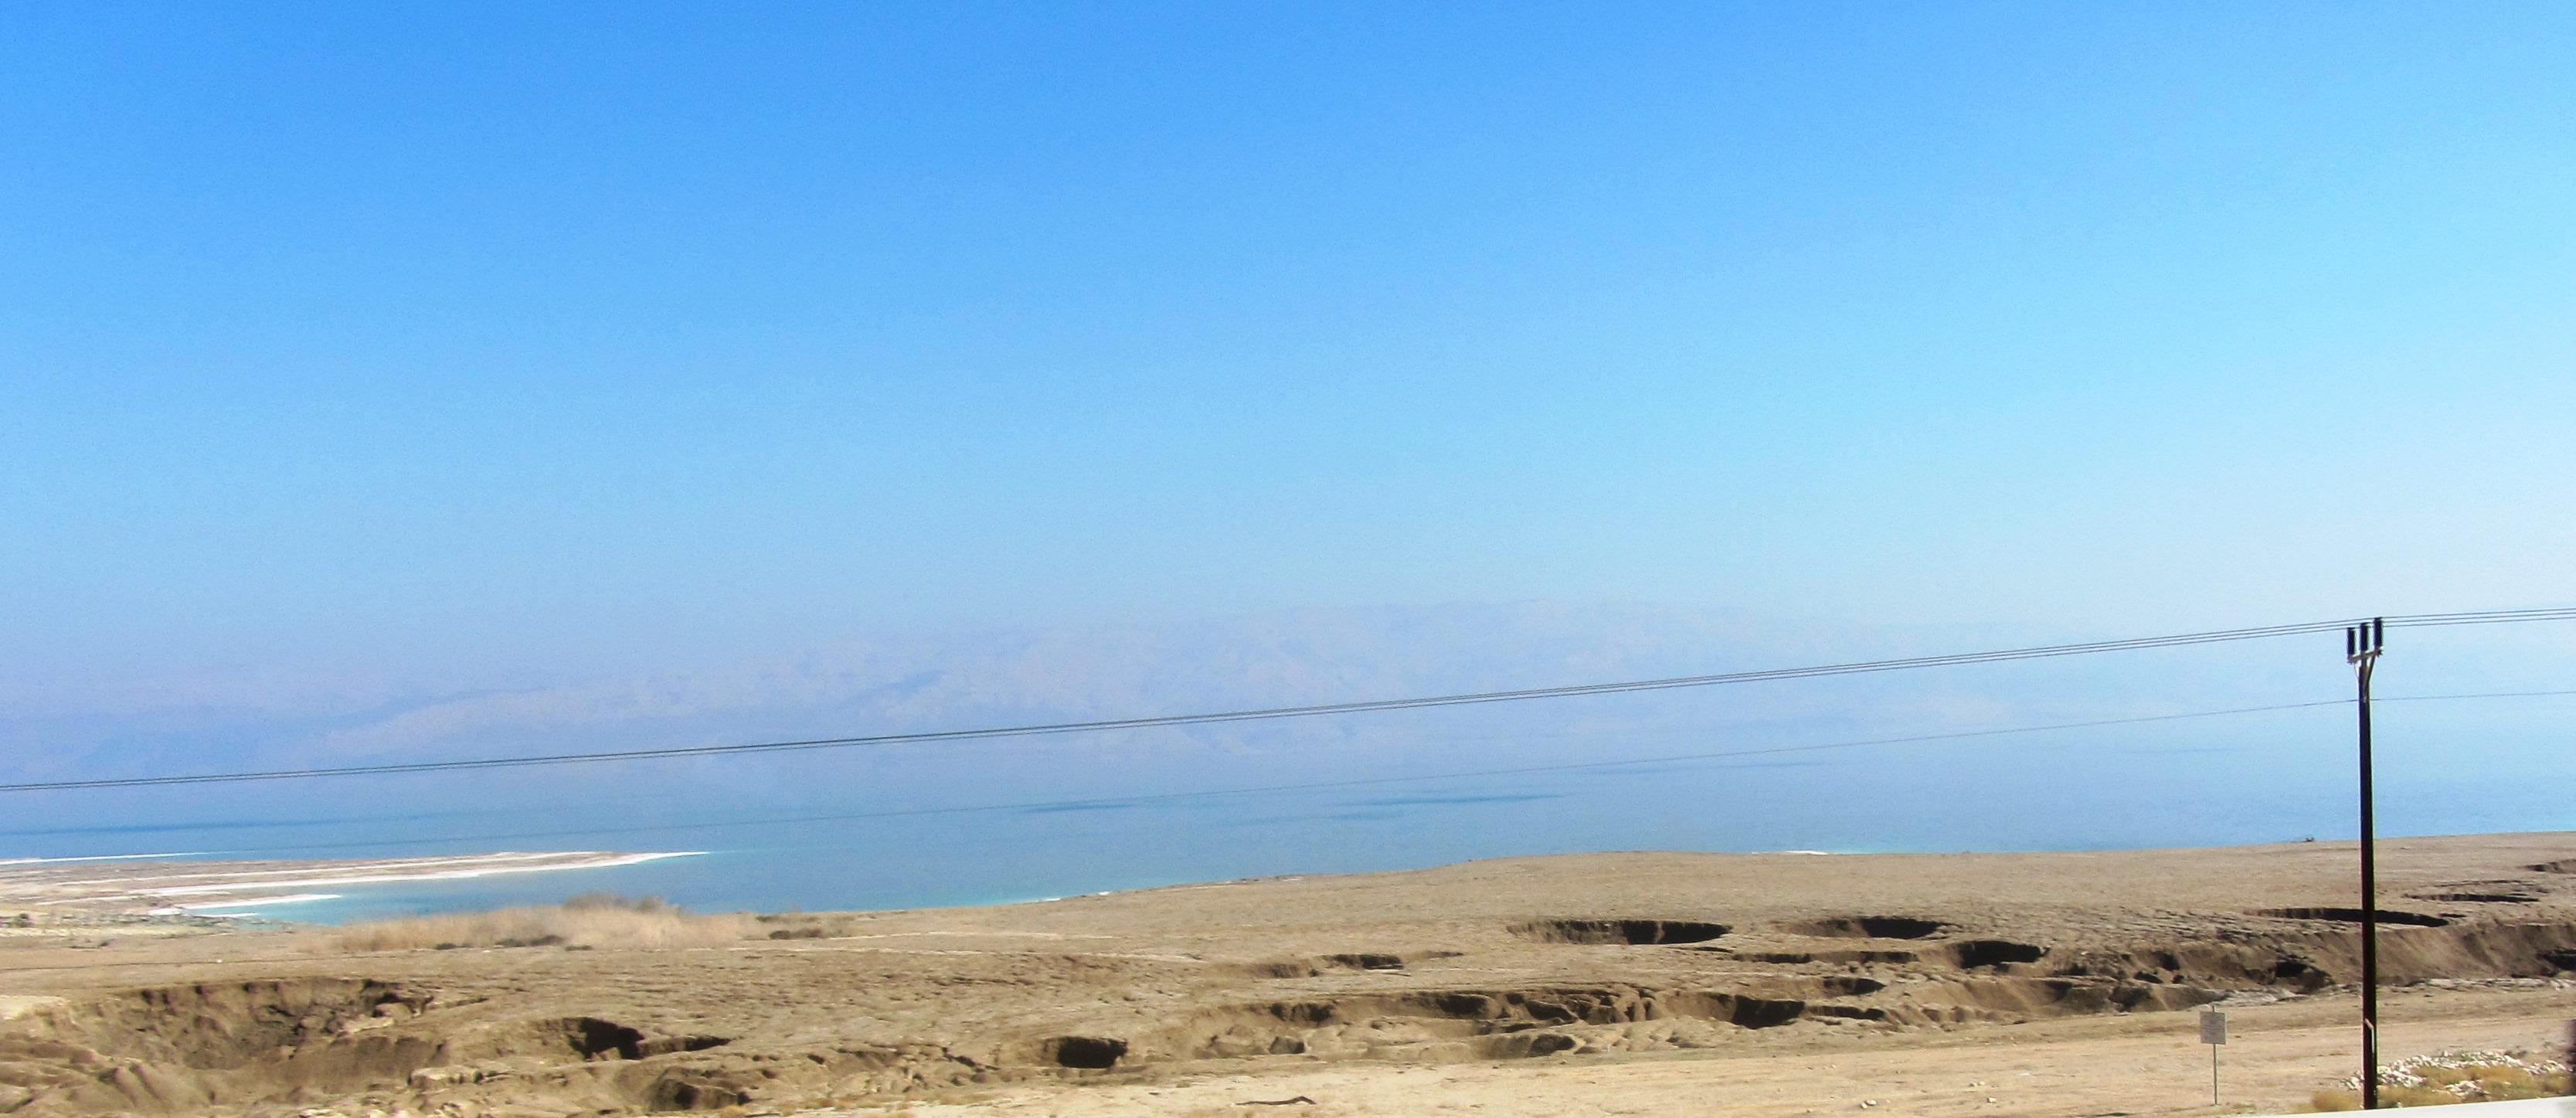 Sink holes near Dead Sea